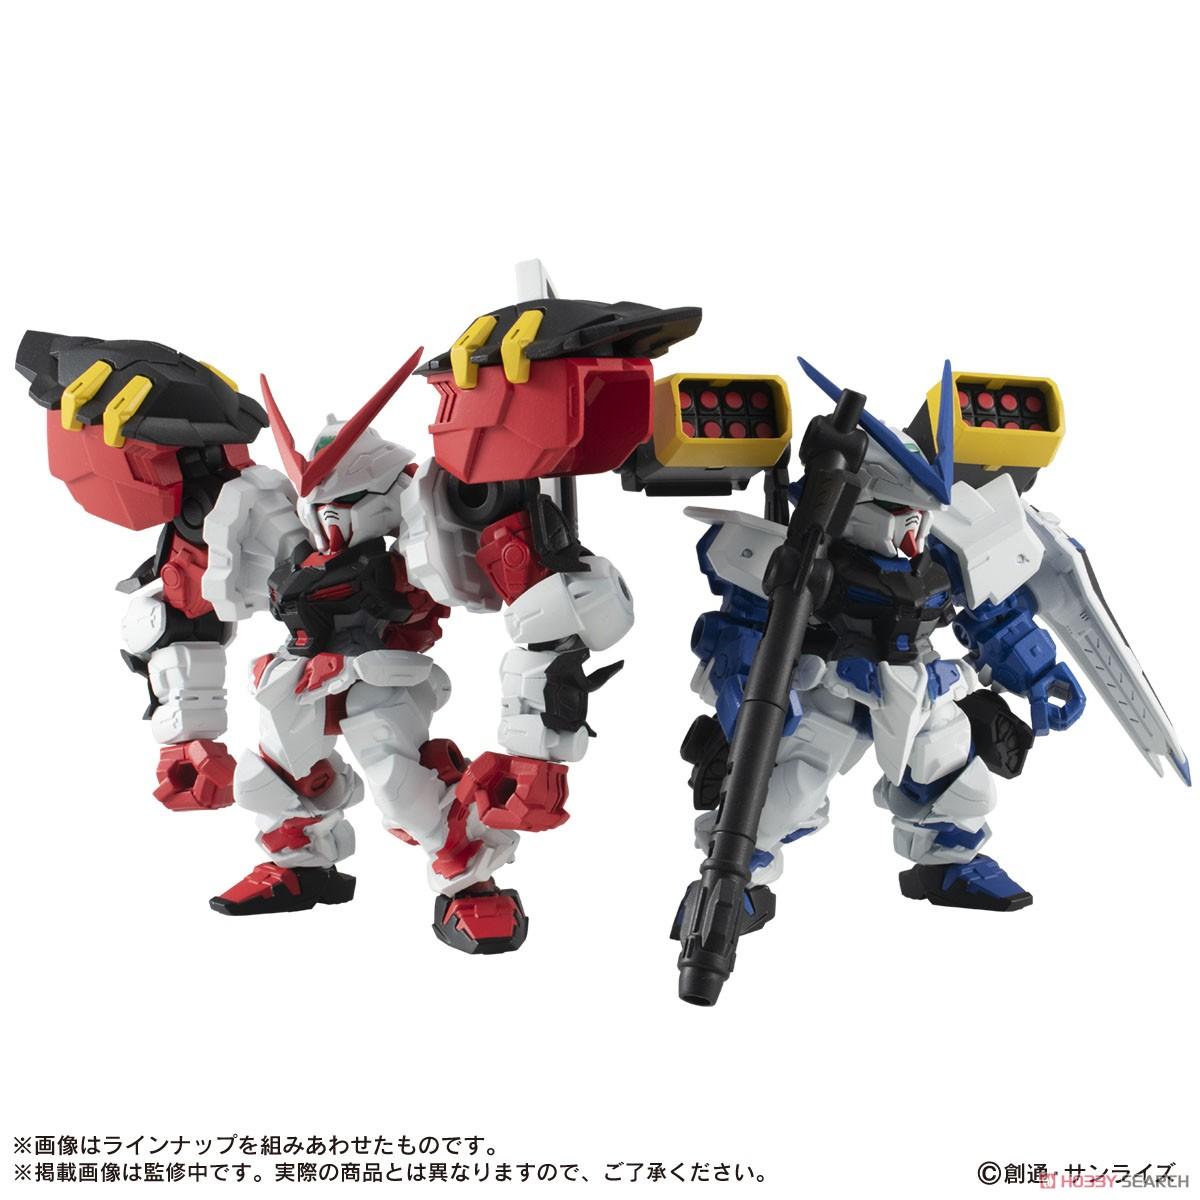 機動戦士ガンダム『MOBILE SUIT ENSEMBLE19』デフォルメ可動フィギュア 10個入りBOX-008